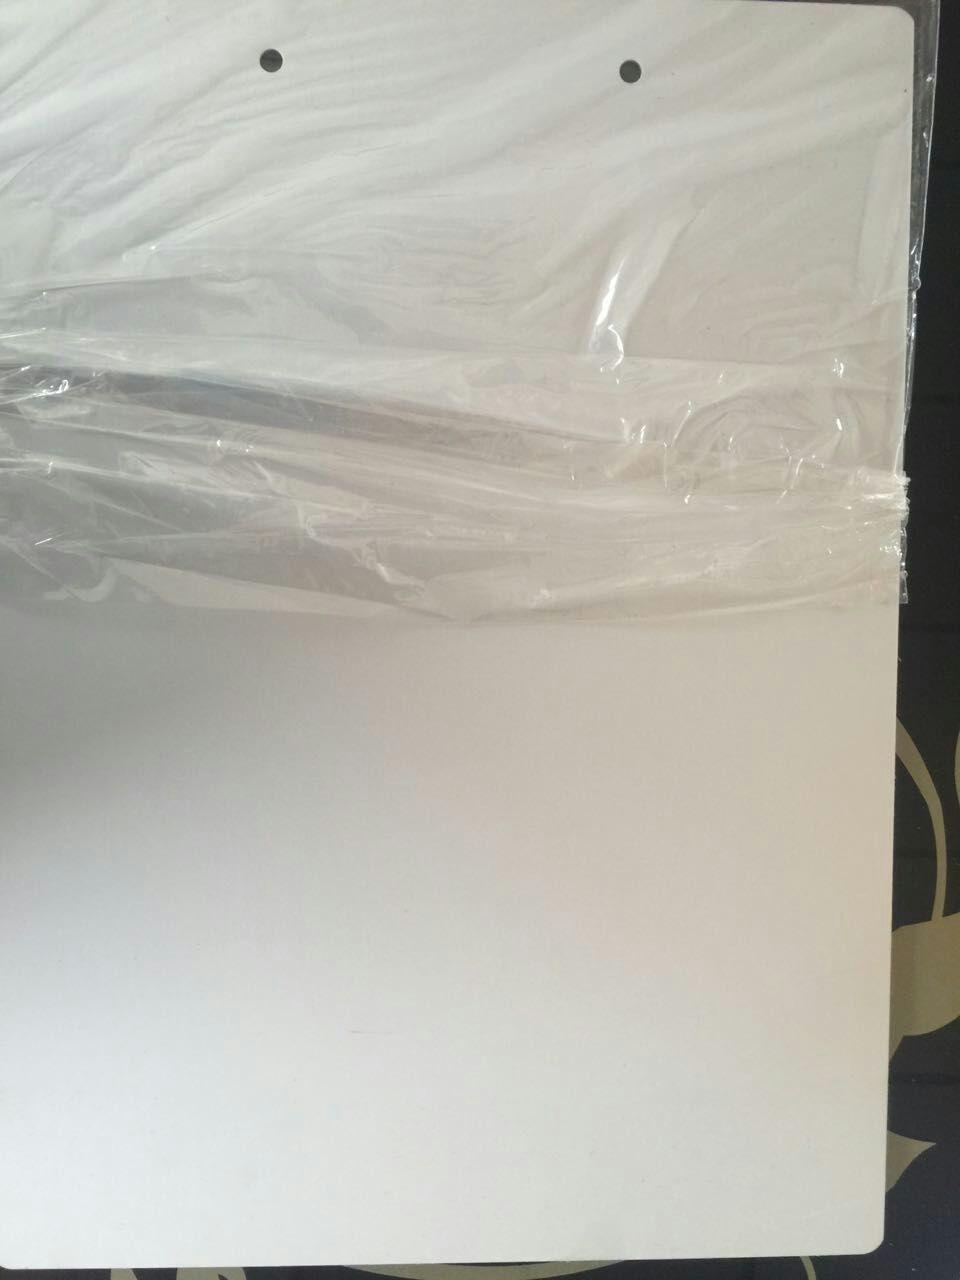 拉絲氧化鋁板(價格面議)價格圖片